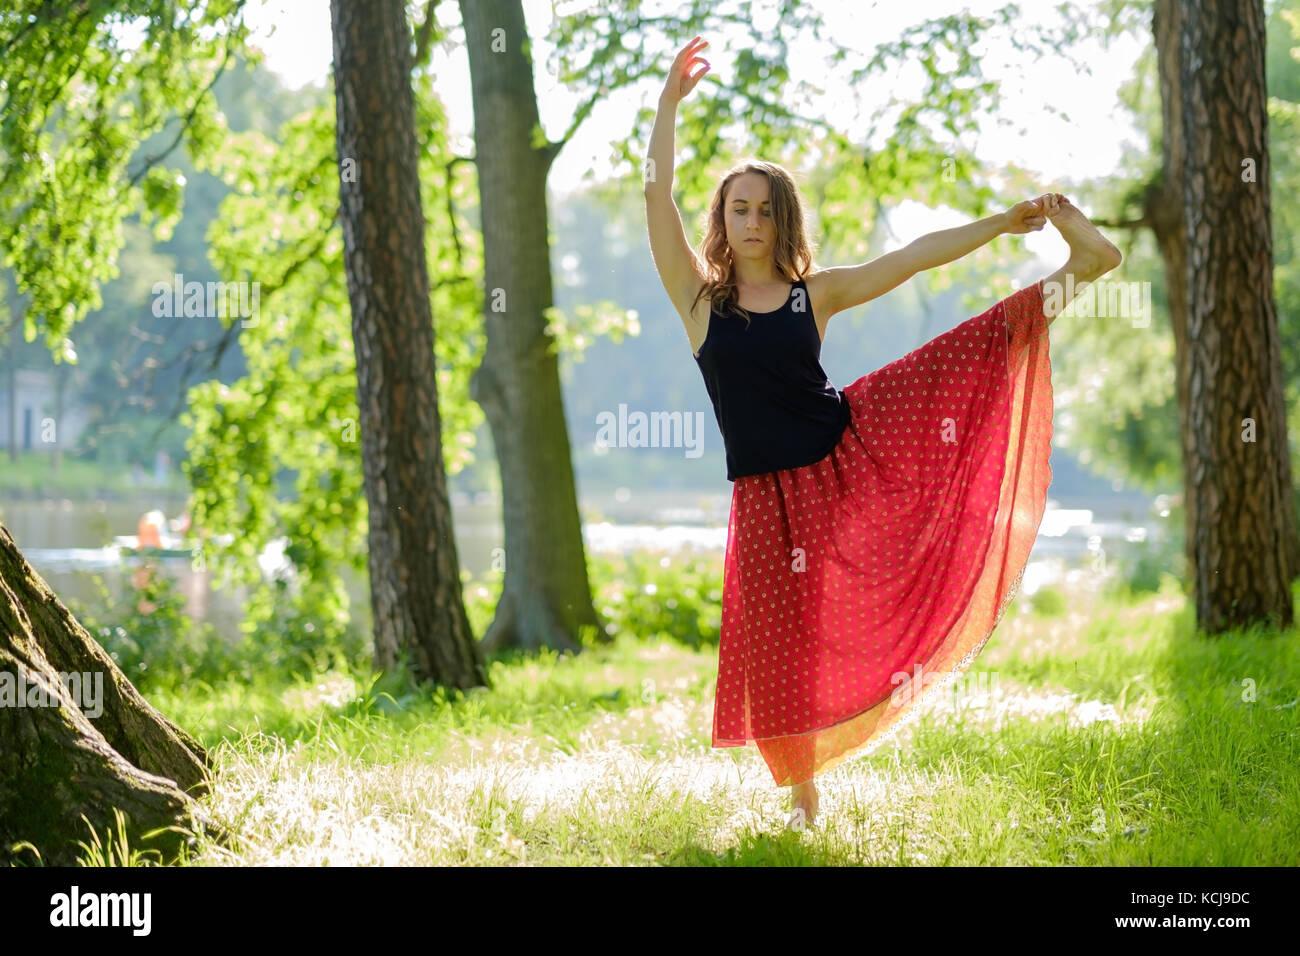 La donna caucasica nel mantello rosso equilibrio facendo yoga asana in estate park. Immagini Stock